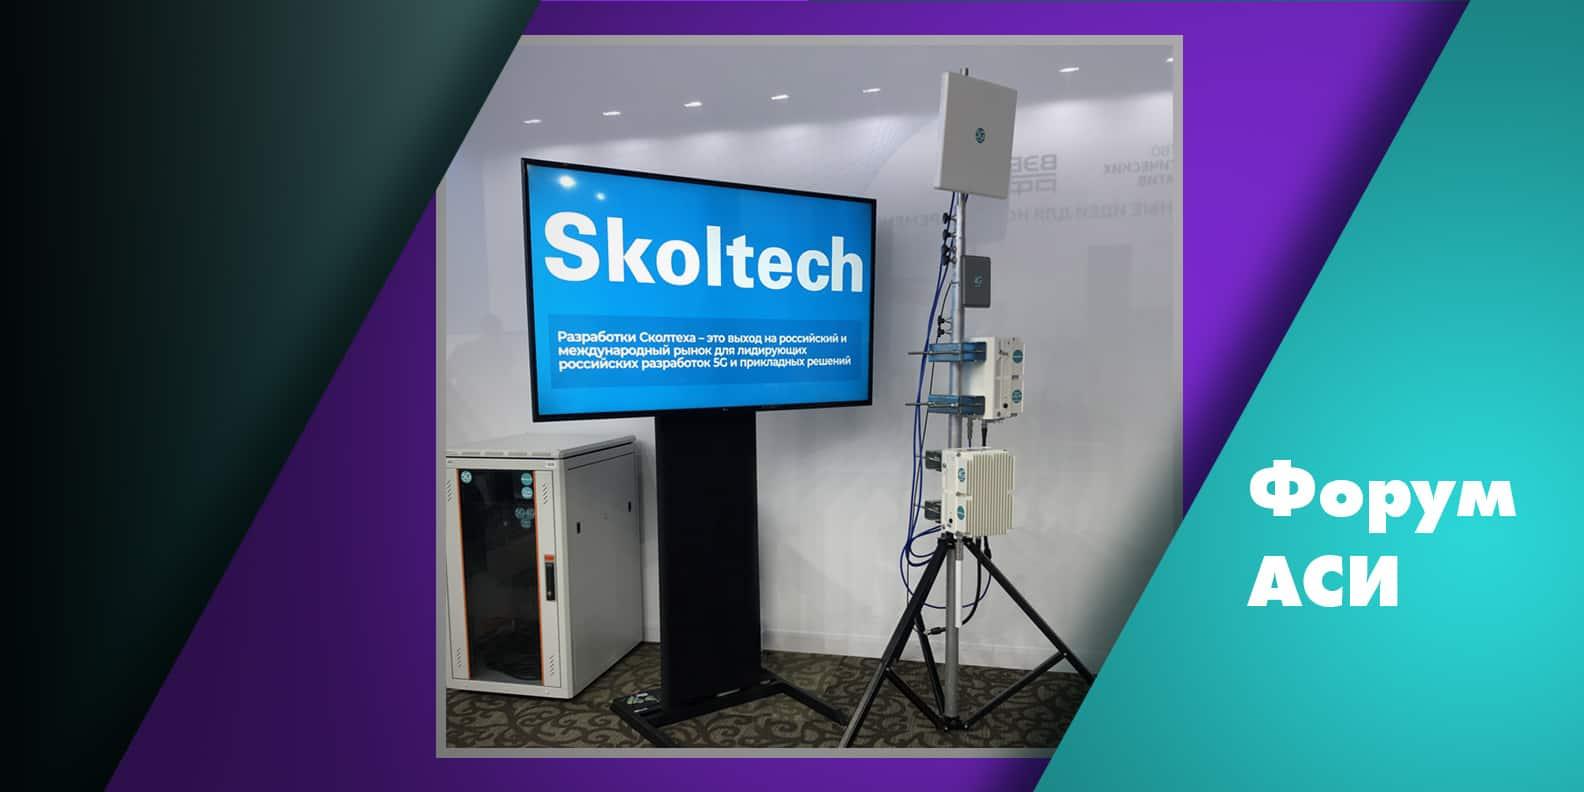 С 11 по 13 ноября Сколтех принимал участие в Форуме «Сильные идеи для нового времени», организованном Агентством стратегических инициатив (АСИ) и Фондом Росконгресс. На своем стенде институт представил рабочий прототип…